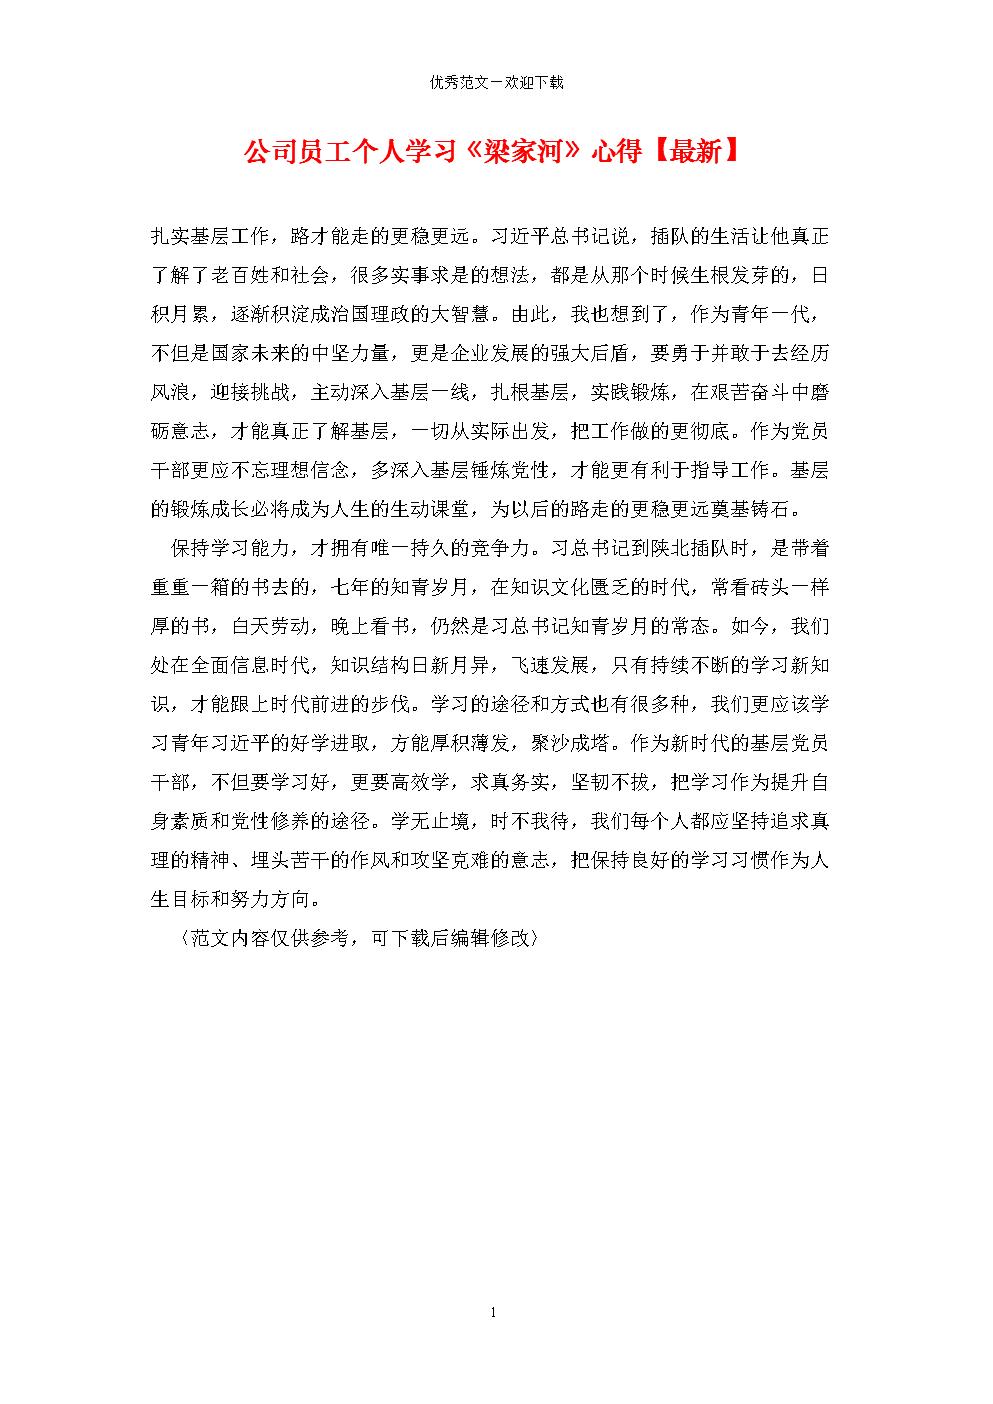 公司员工个人学习《梁家河》心得【最新】.doc